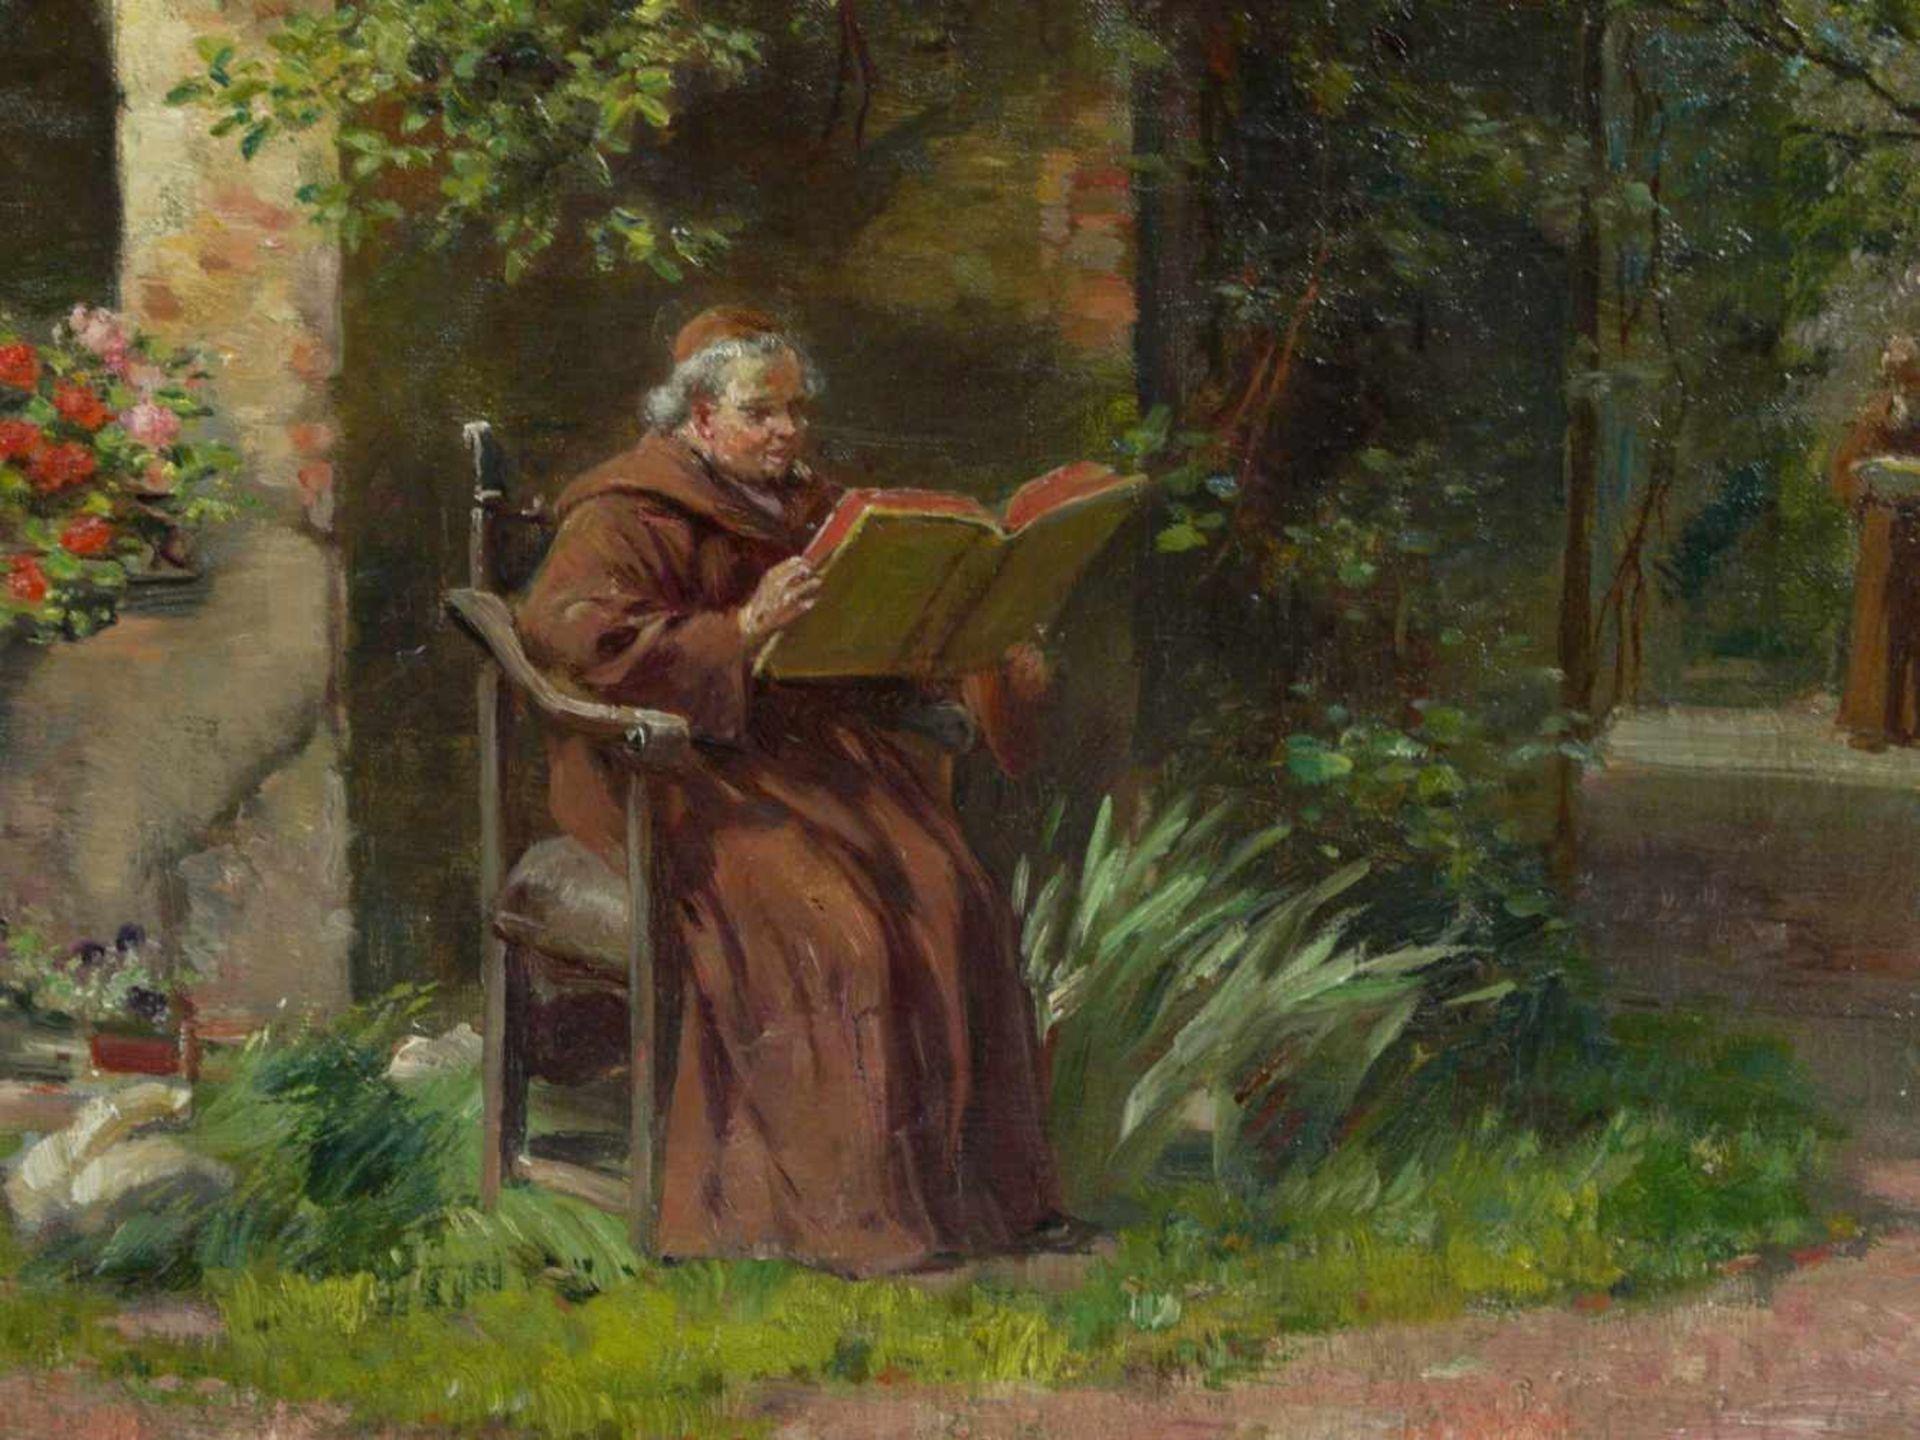 Schultheis, C. (20.Jhd.) - Ruhe im KlostergartenGefällige Darstellung mit der Ansicht eines - Bild 6 aus 6